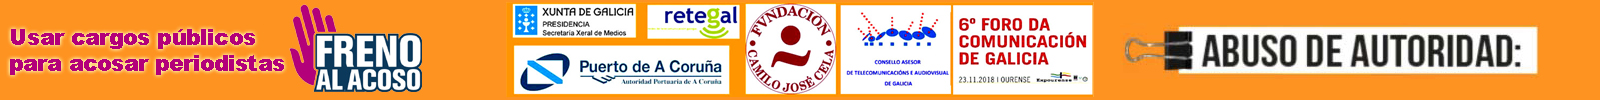 Cargos de confianza Mar�a del Mar S�nchez Sierra directora de comunciaci�n del Partido Popular de Galicia